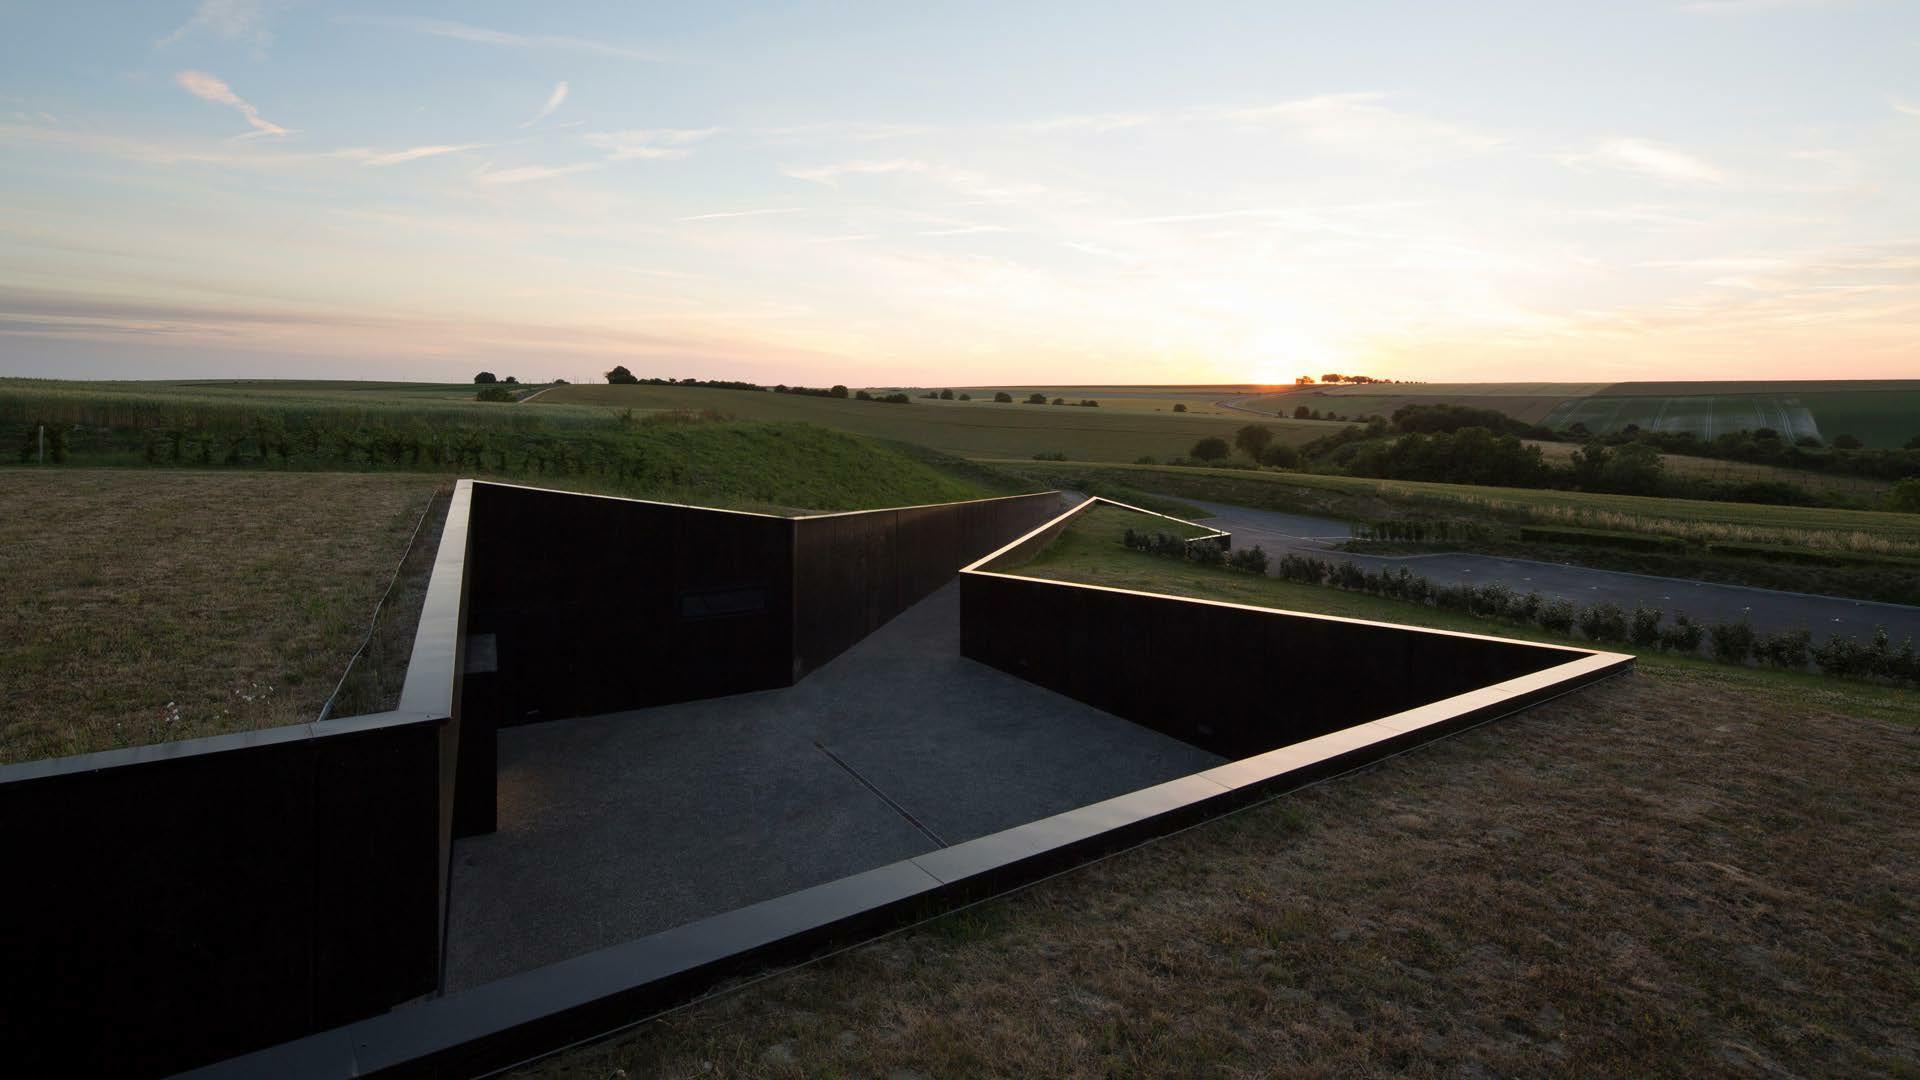 Musée de la Bataille de Valmy (Marne), 2015. Ph. © Pierre-Louis Faloci architecte.